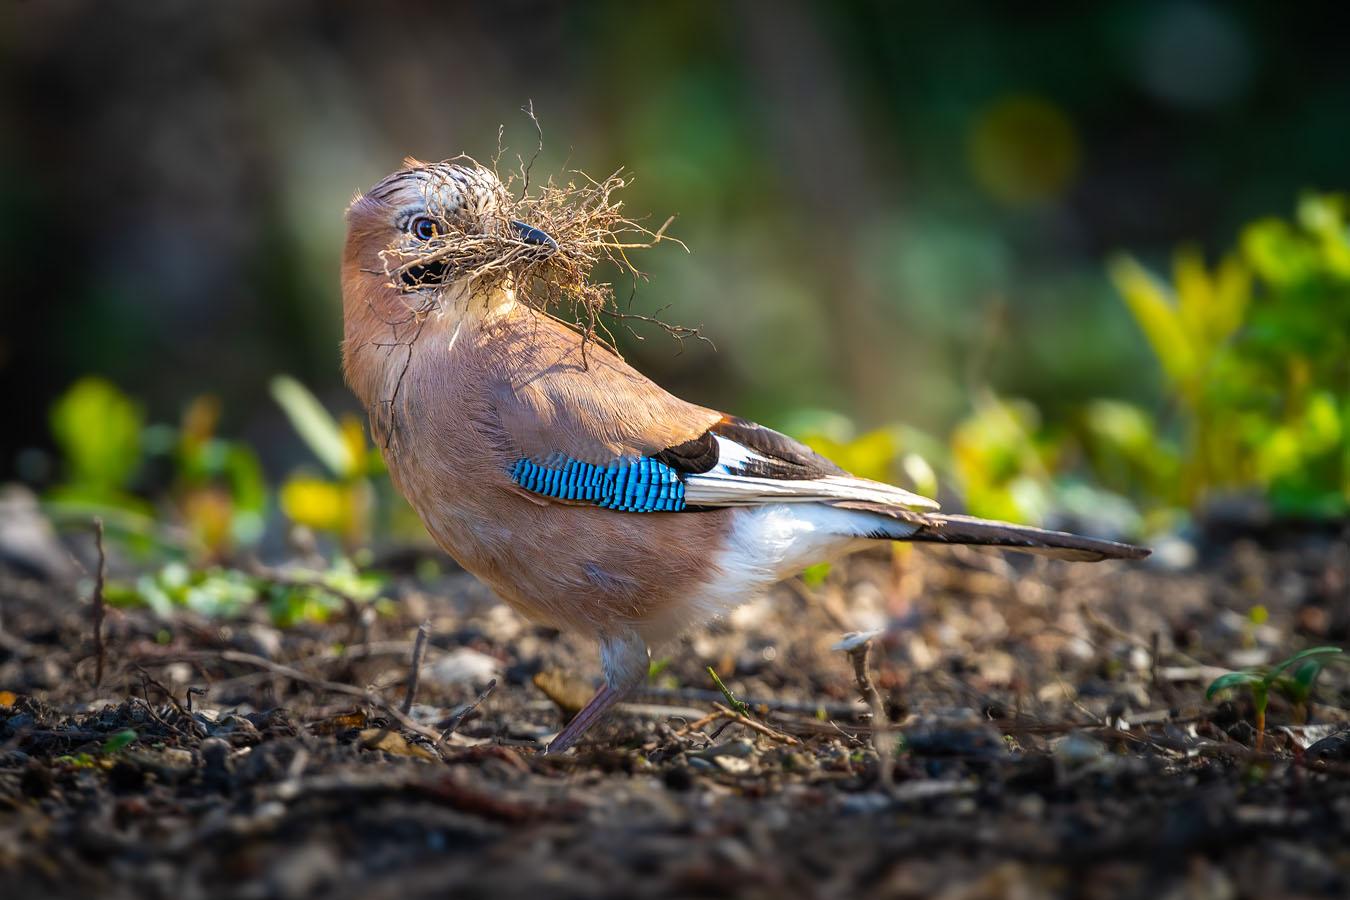 Fotograf Straubing Tiere und Natur in der Stadt